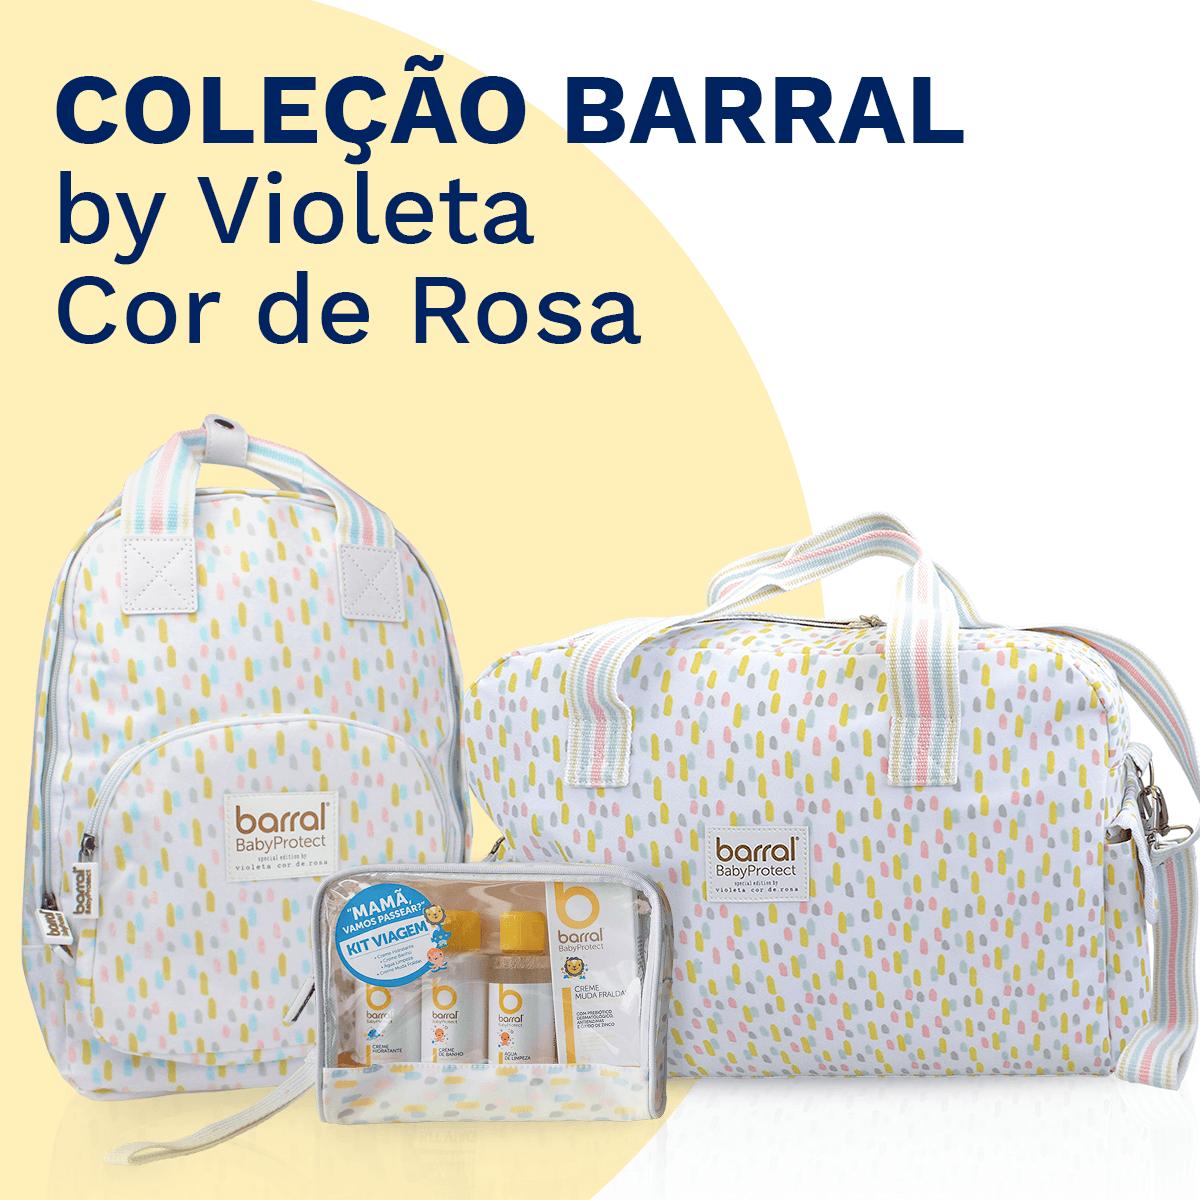 Coleção Barral by Violeta Cor de Rosa